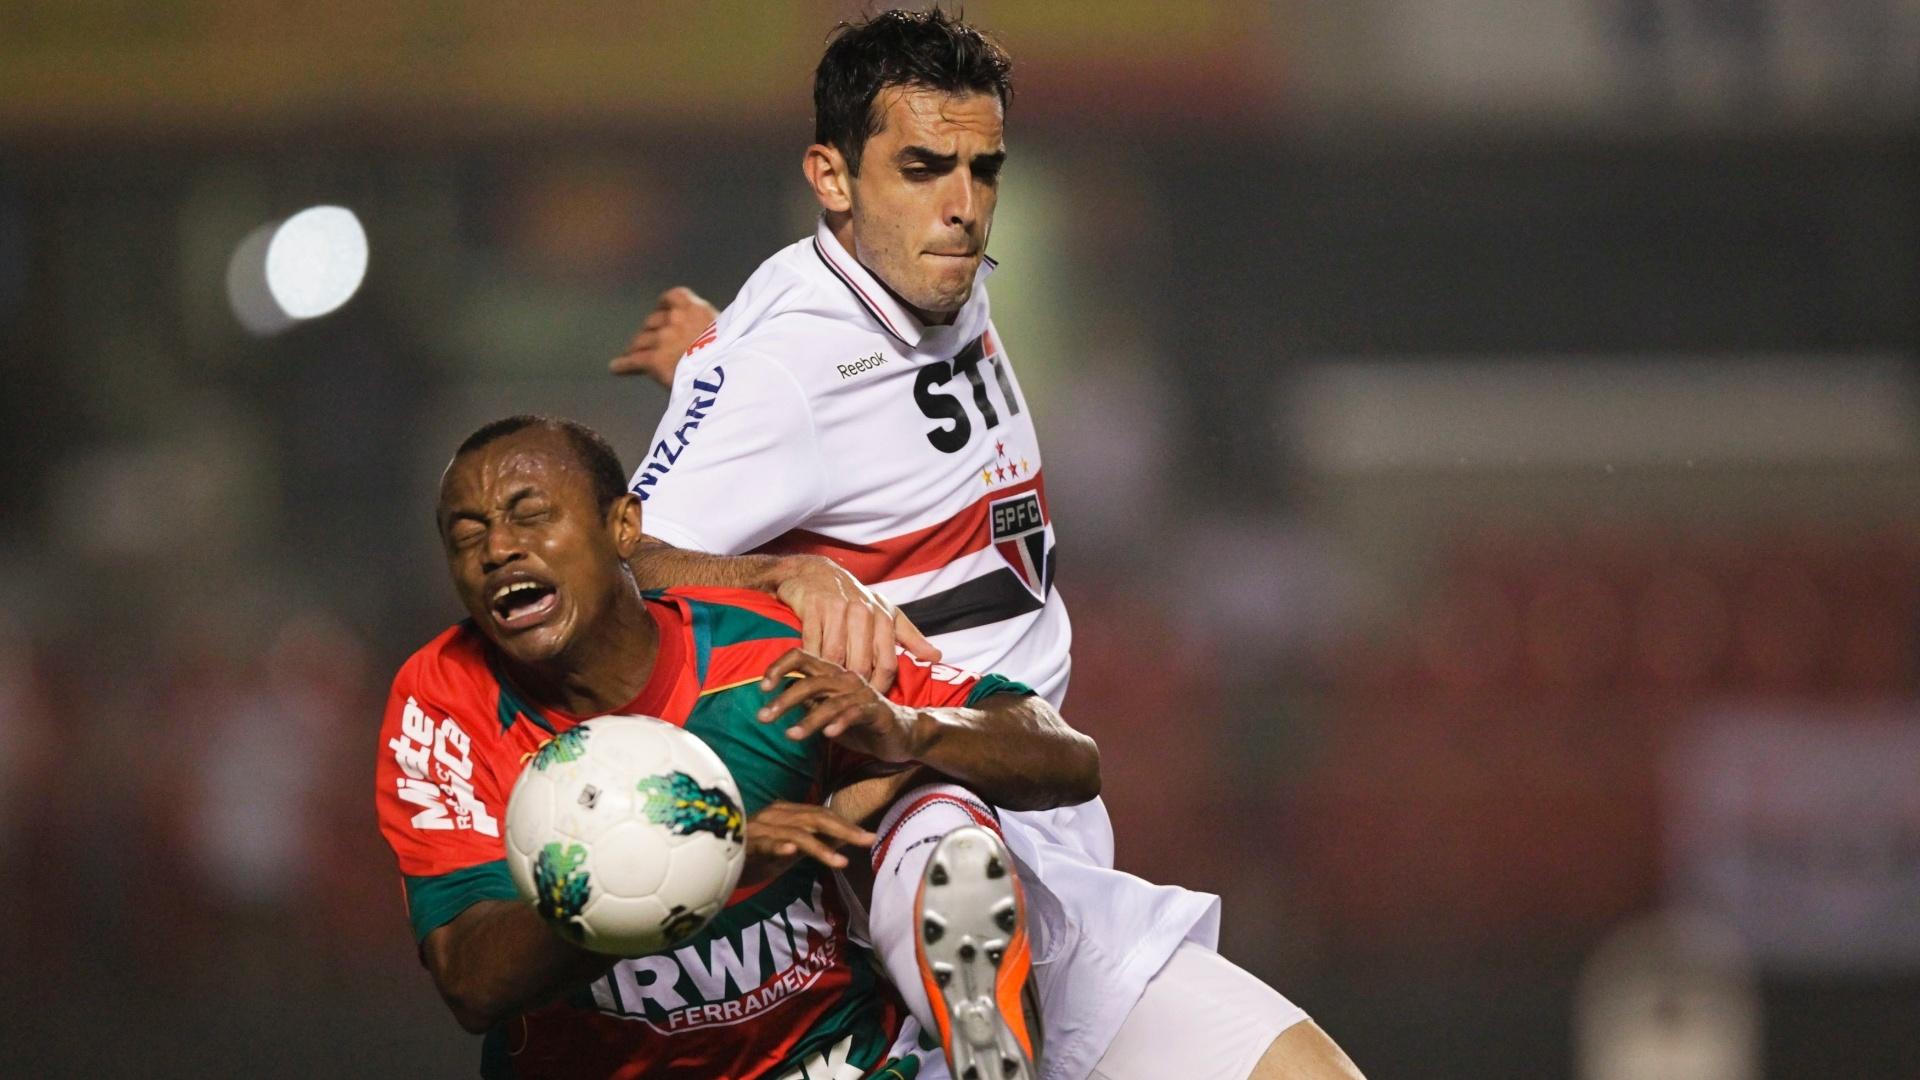 Zagueiro Rhodolfo, do São Paulo, divide bola com Léo Silva, da Portuguesa, durante partida válida pela 25ª rodada do Brasileiro, no Morumbi